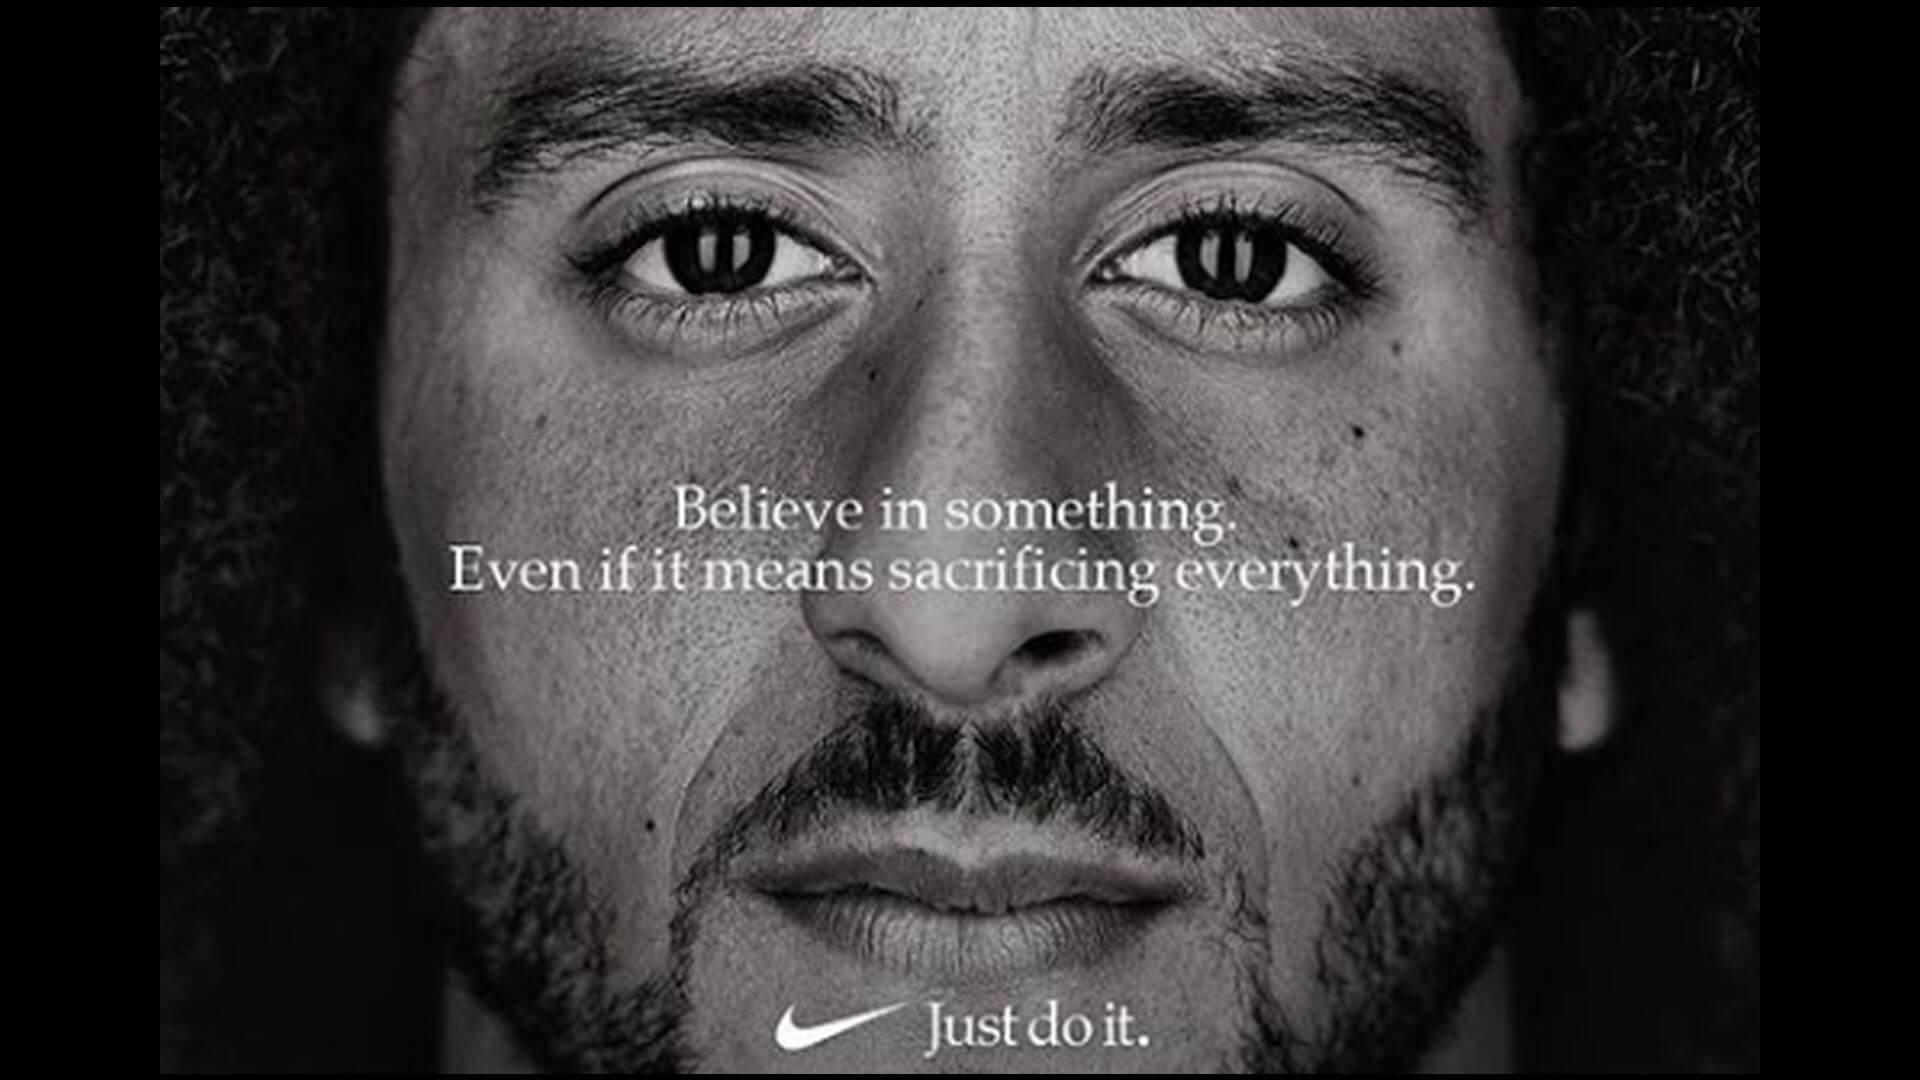 Report: Nike's sales jump 31% in wake of Kaepernick ad ...